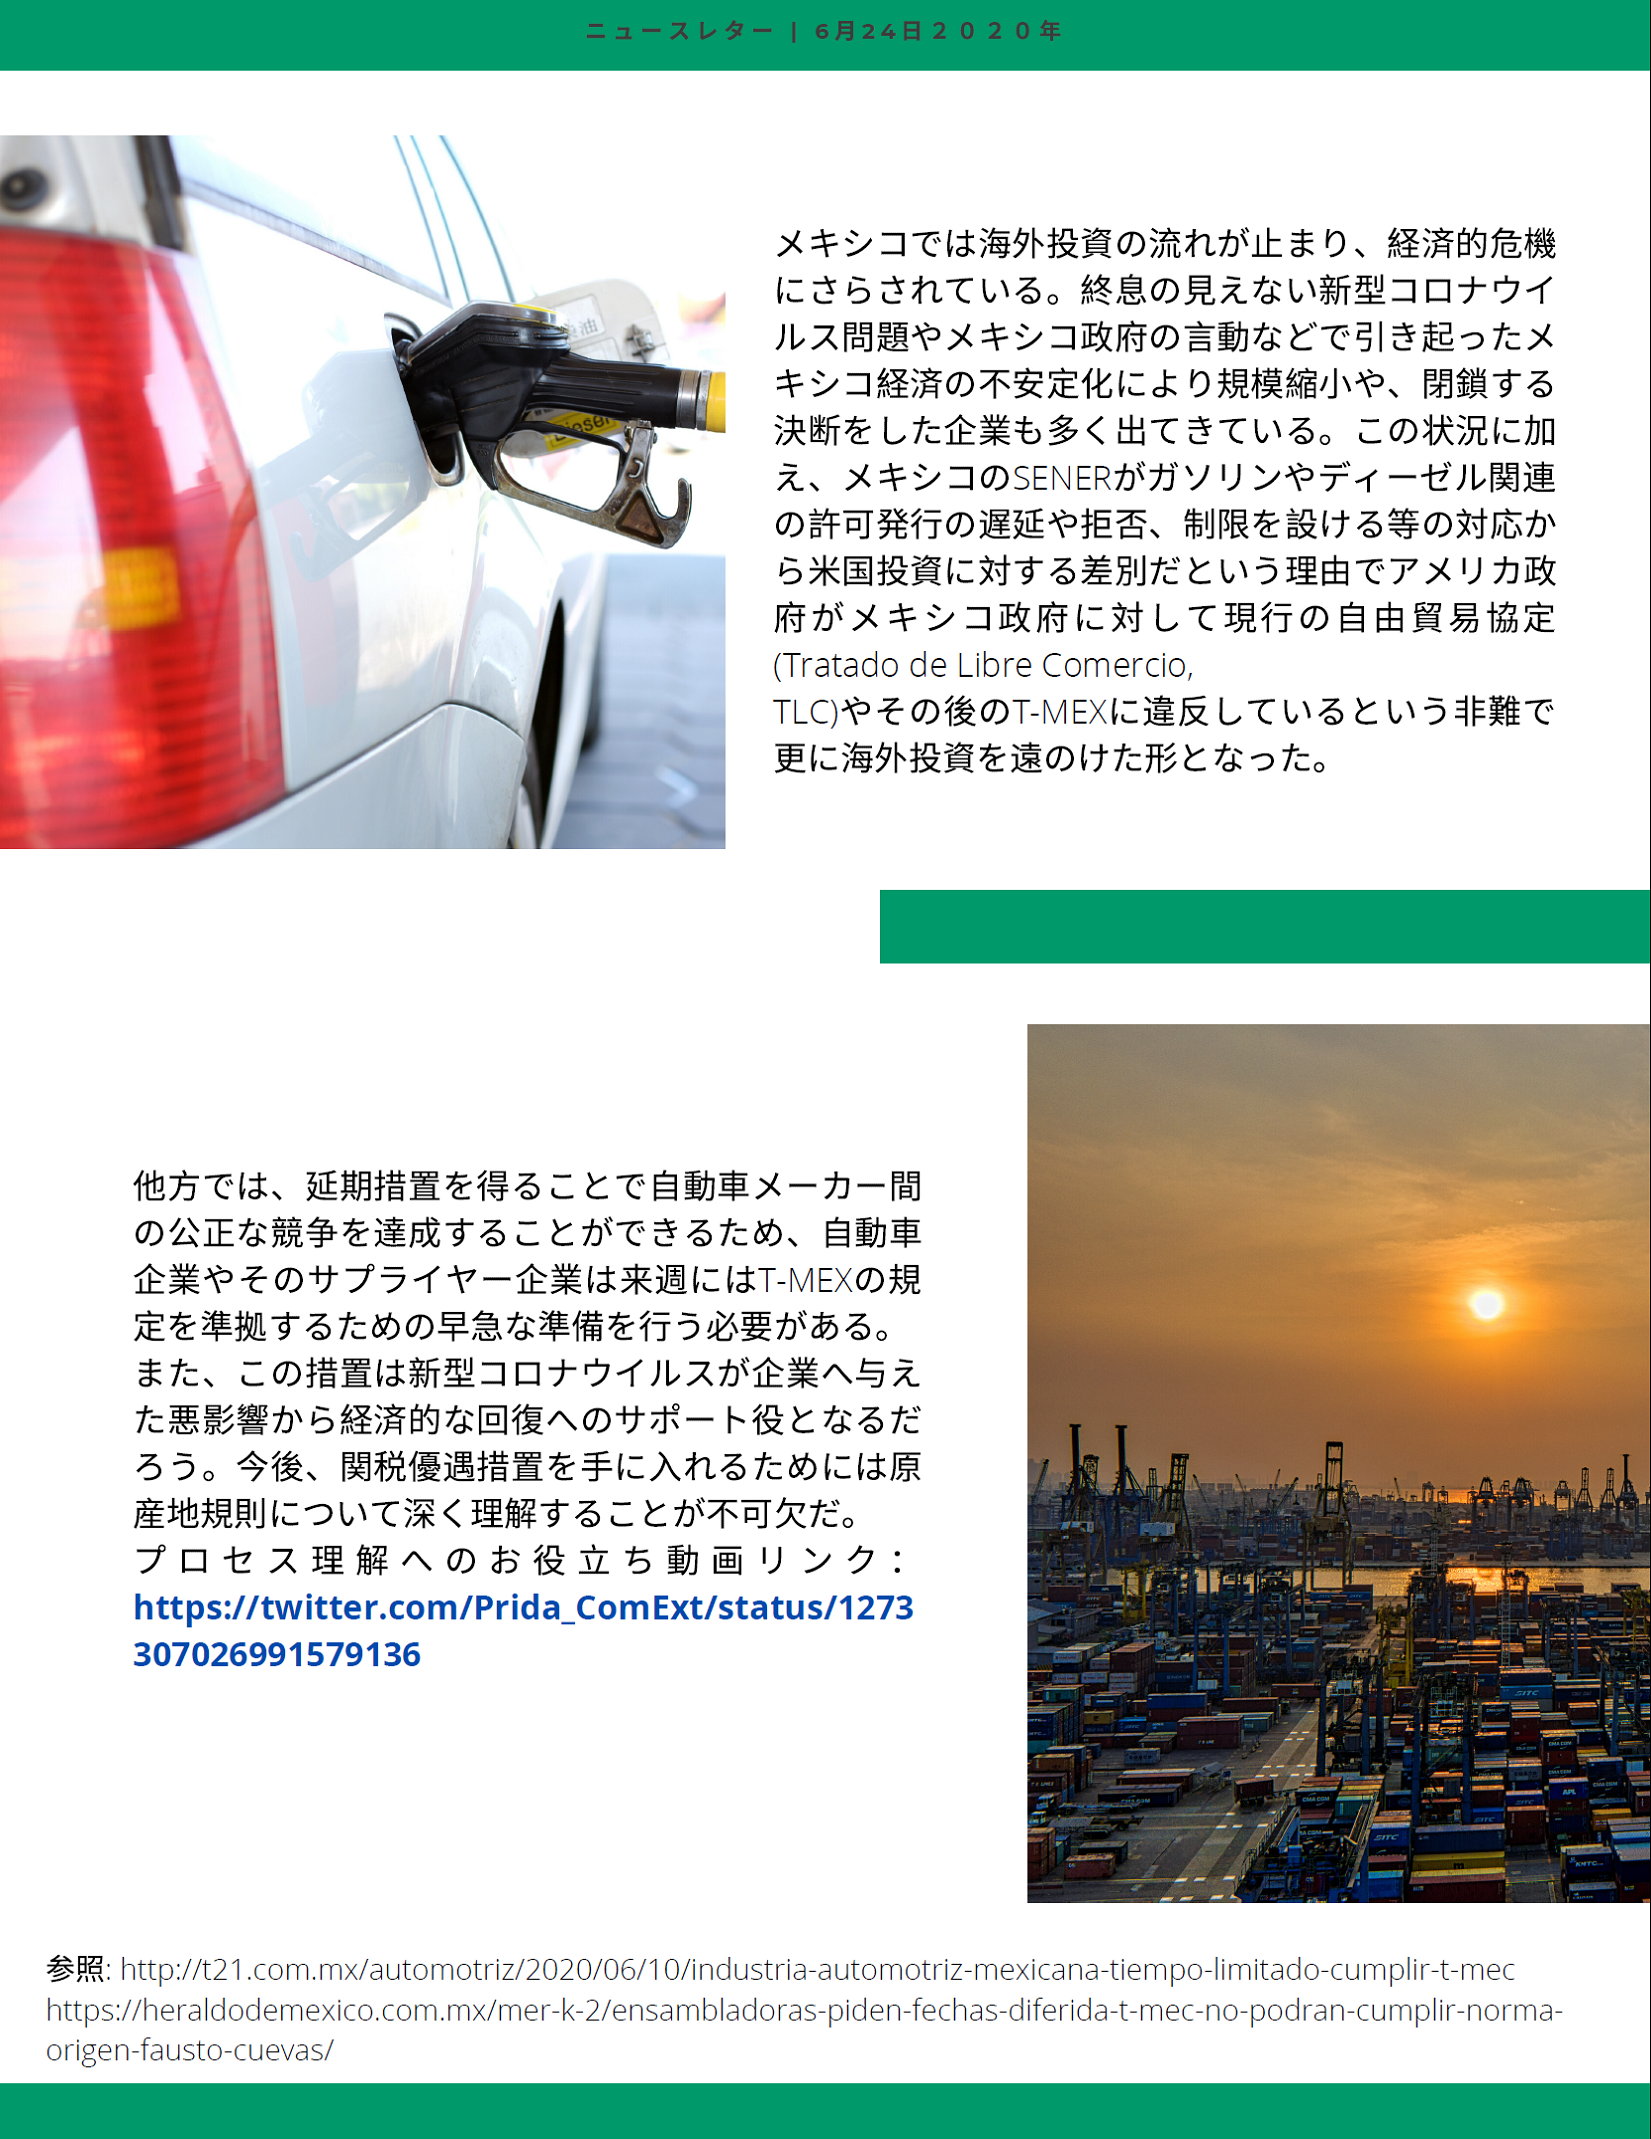 newsletter 3 JP 4.png